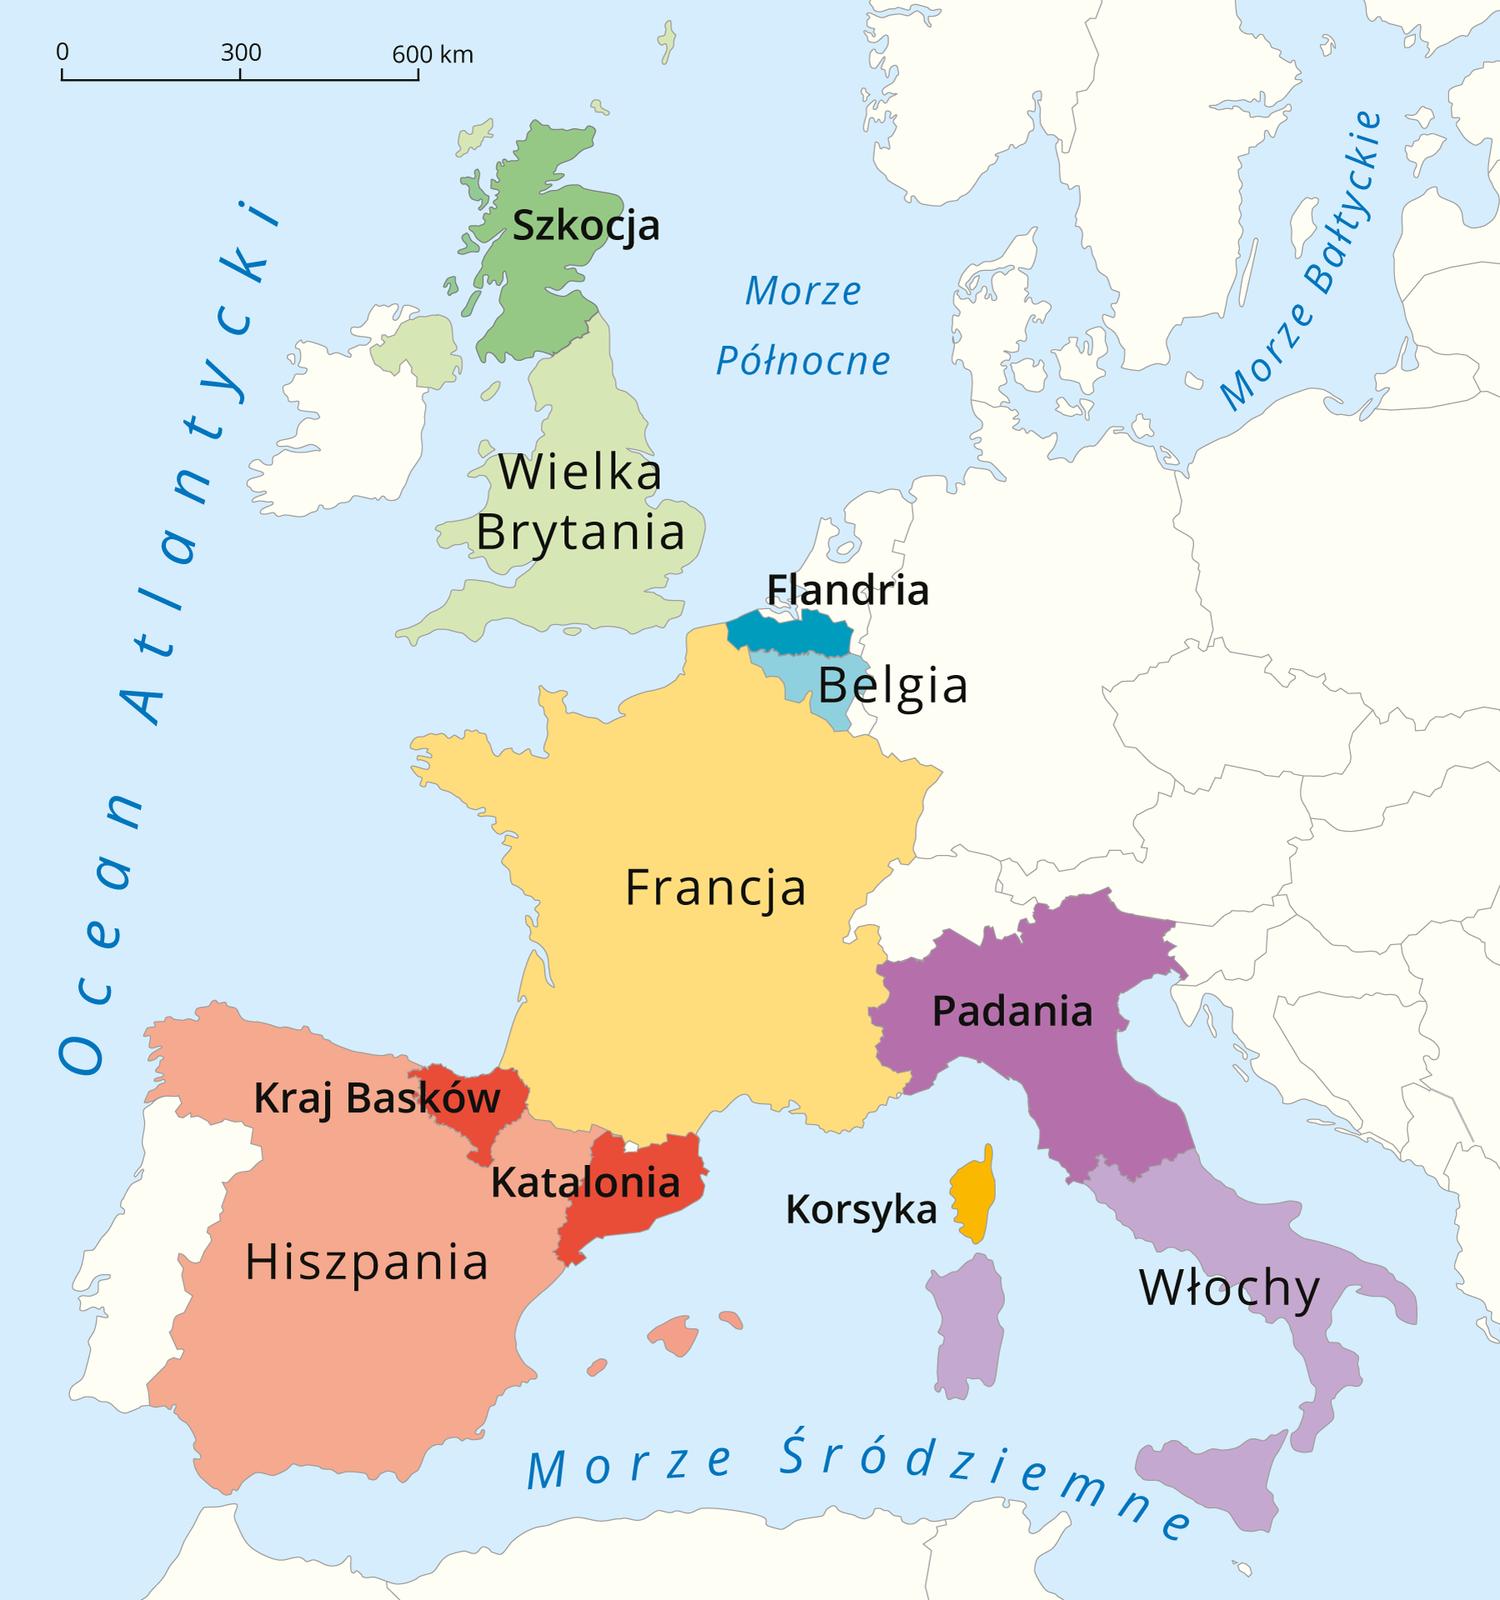 Na ilustracji mapa Europy. Kolorami zaznaczone państwa. Wich obrębie ciemniejszym odcieniem danego koloru zaznaczone potencjalnie nowe państwo, mogące powstać wEuropie. WWielkiej Brytanii – Szkocja, wHiszpanii – Kraj Basków iKatalonia, we Francji – Korsyka, WBelgii – Flandria, we Włoszech – Padania.